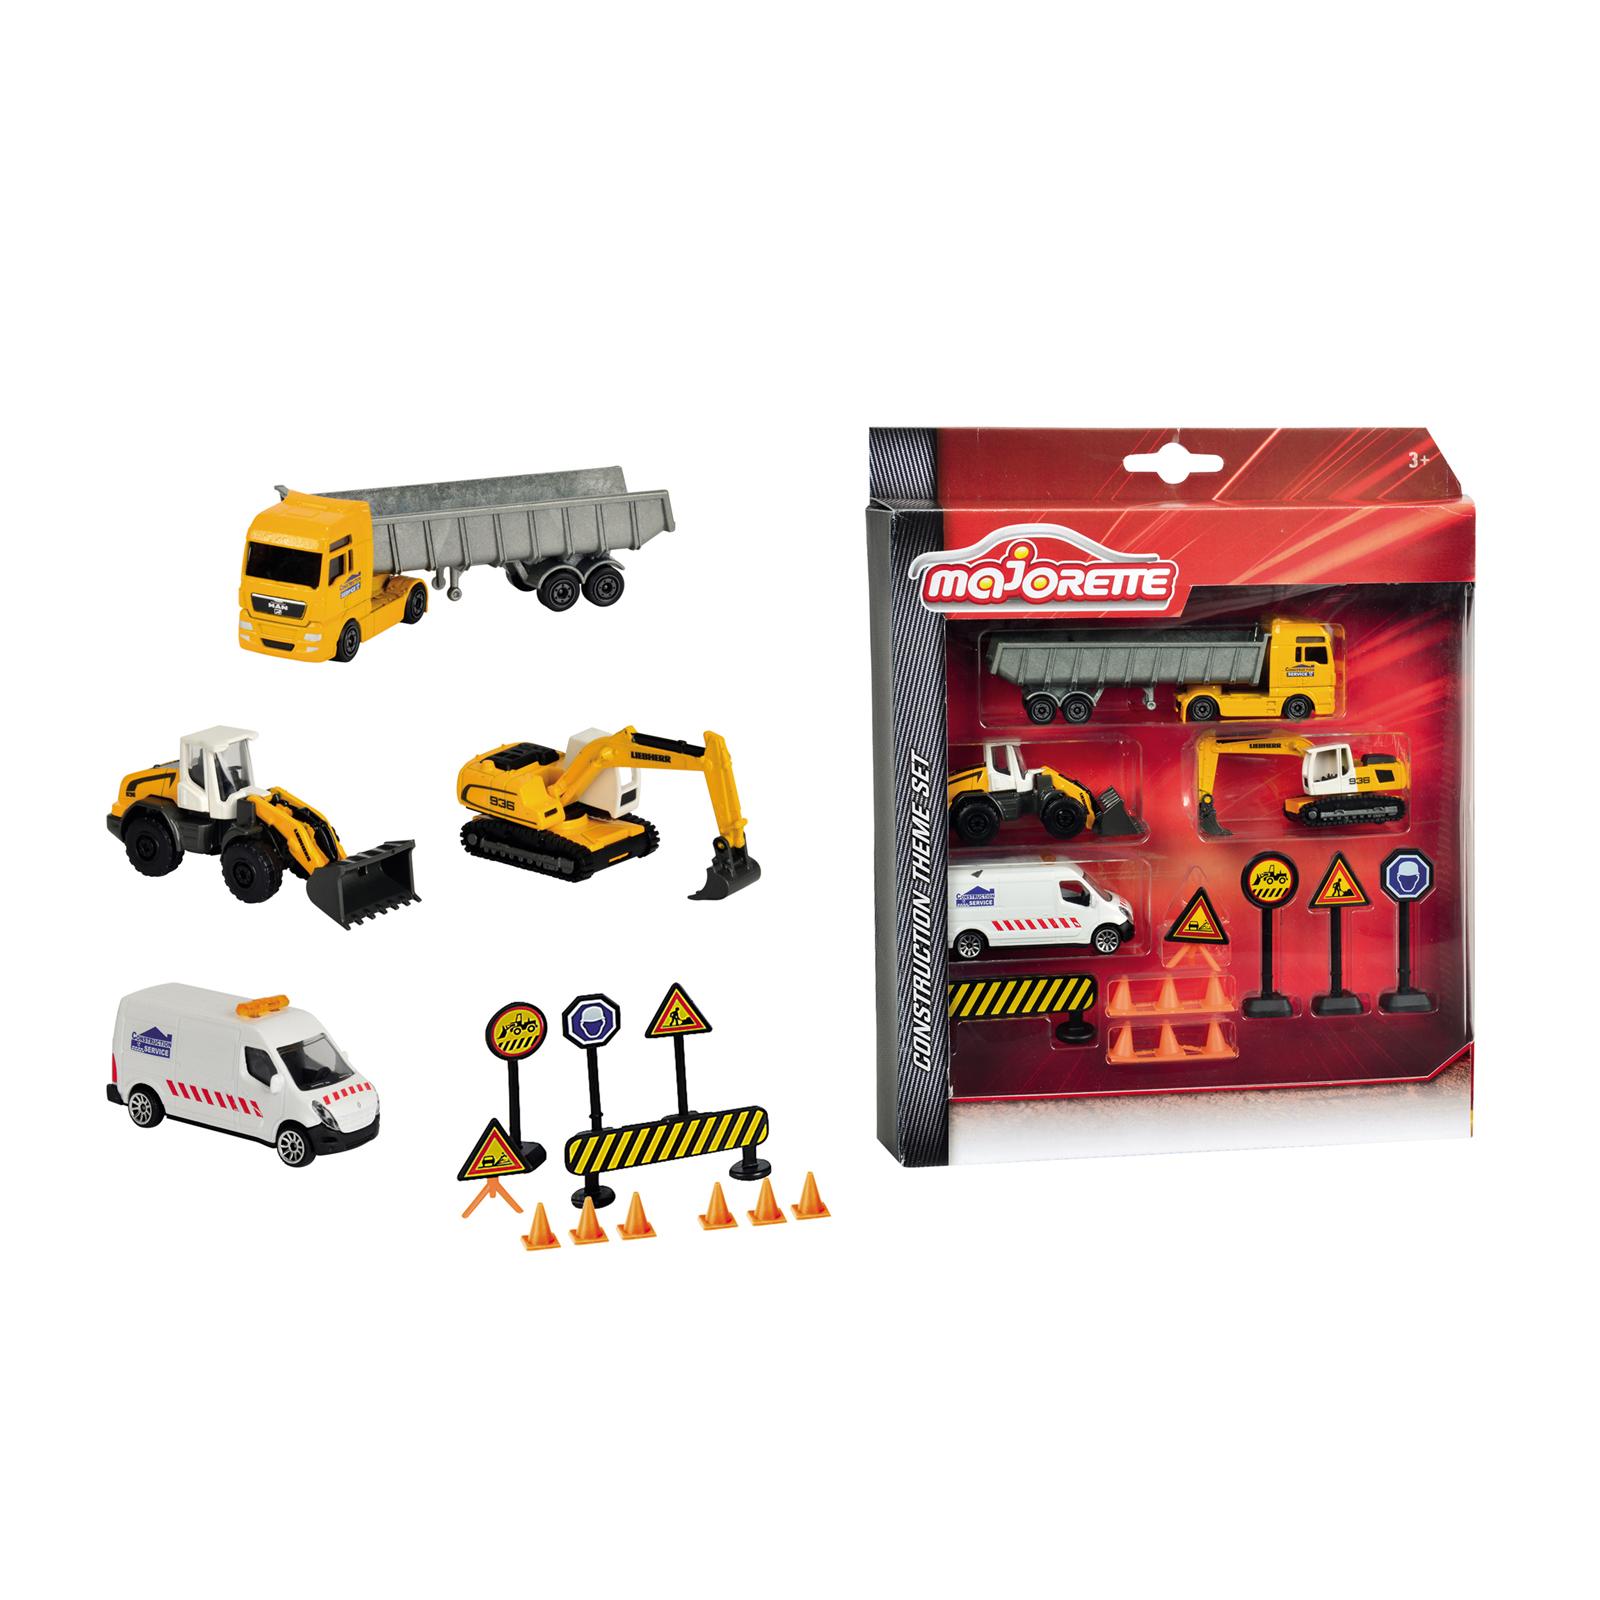 Купить Набор строительной техники и дорожных знаков, Majorette